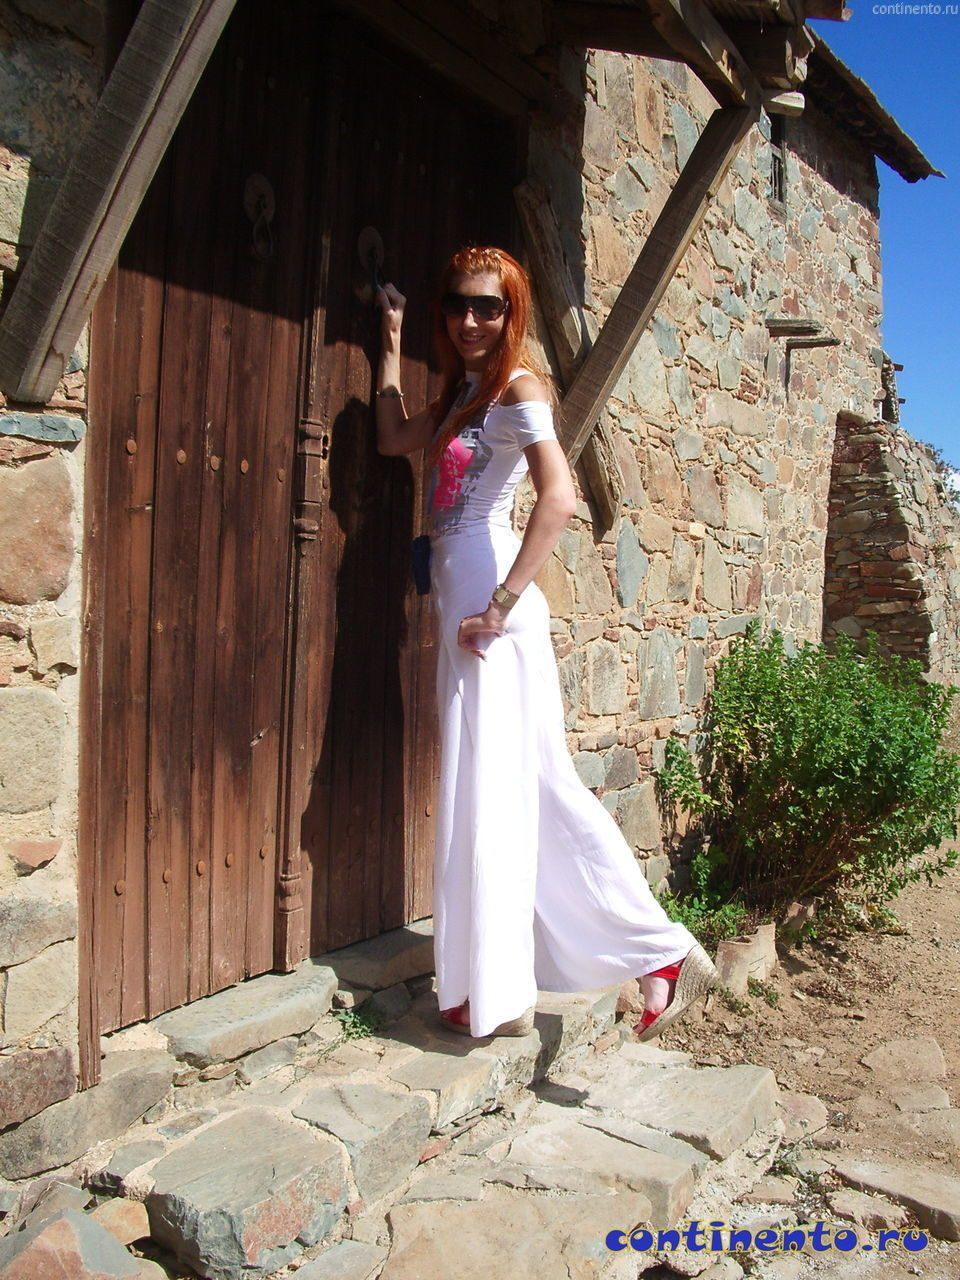 tur na kipr protaras 41 831 rub chel - Тур на Кипр Протарас 41 831 руб. чел.